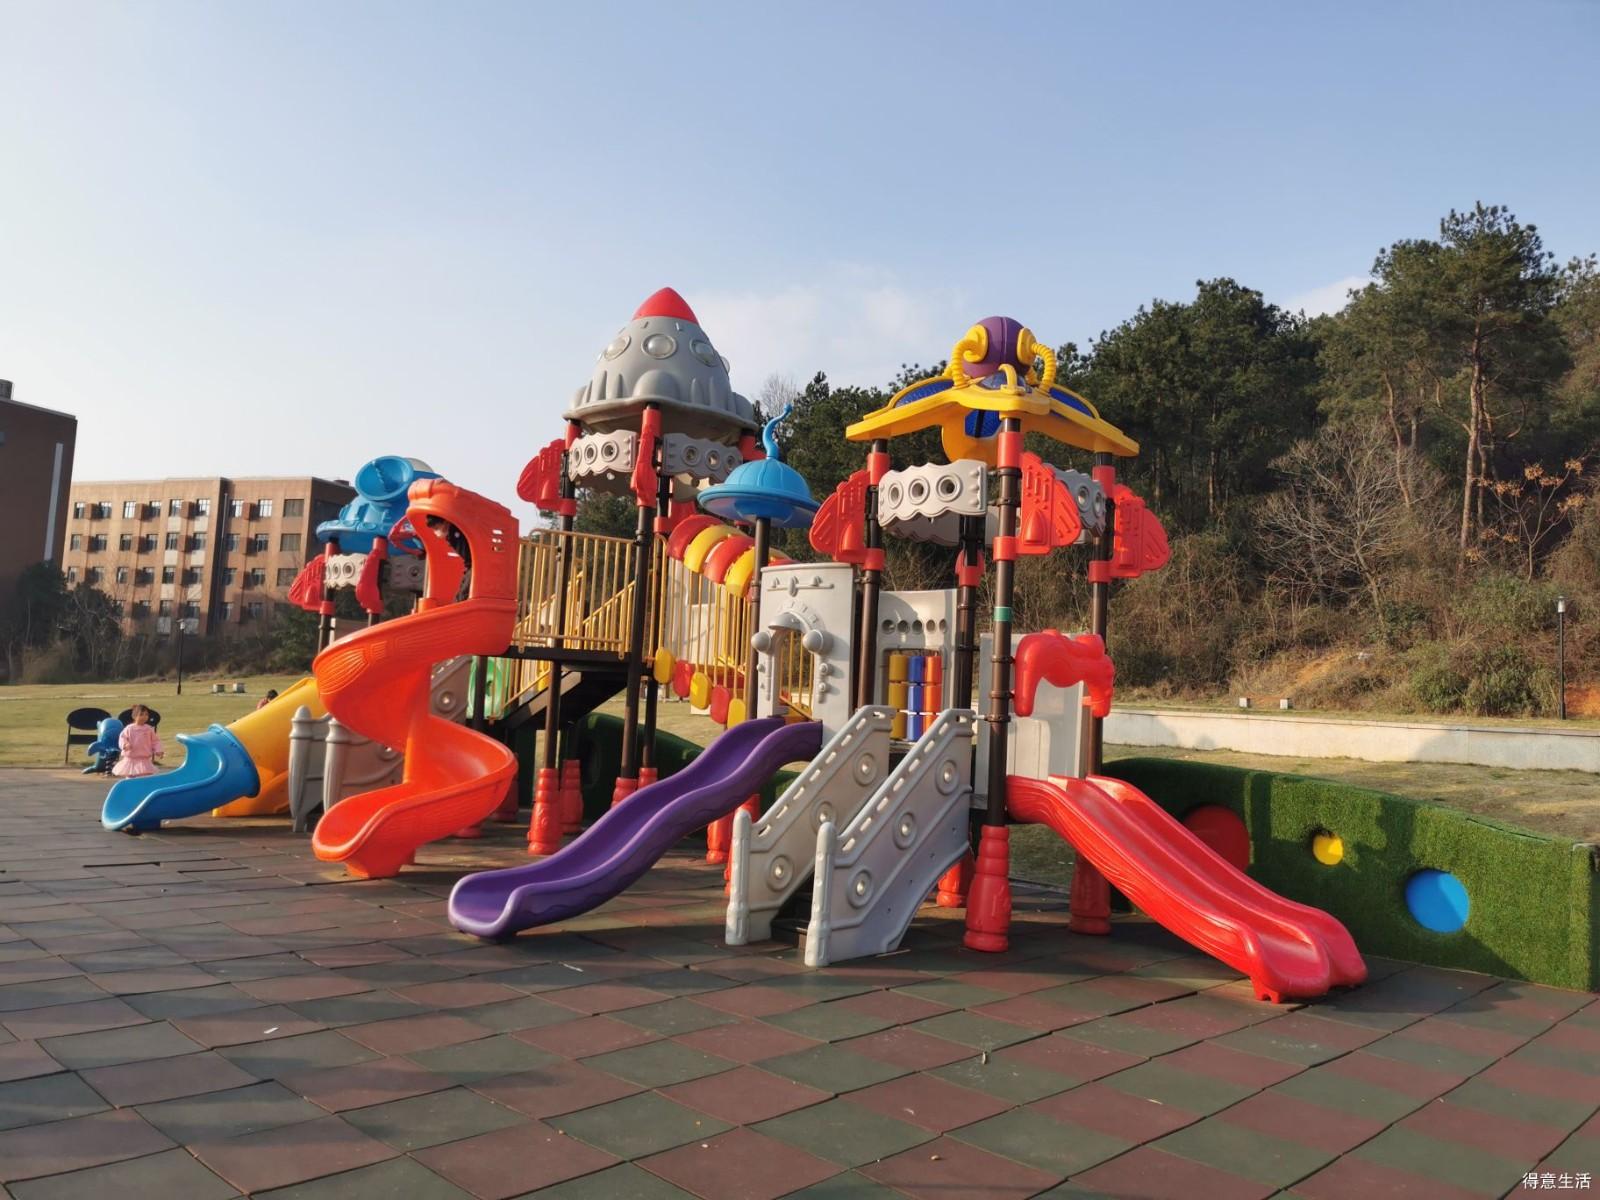 近郊公园了解下,场地开阔随心跑,散步玩耍两相宜,居然还能踢足球!